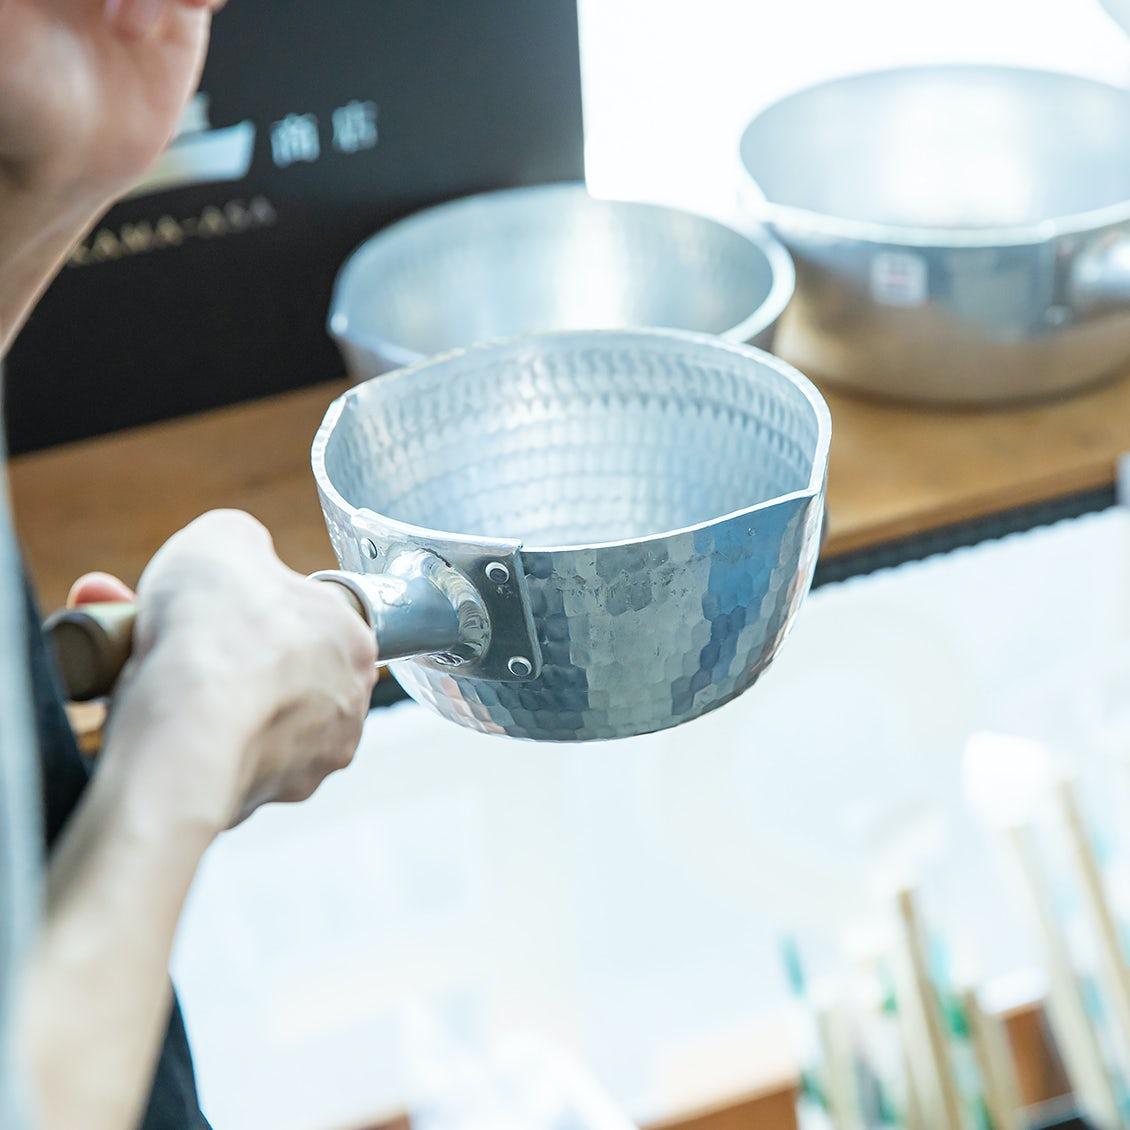 【台所道具のいろは】鉄フライパン&行平鍋編: どうして良いの?お手入れは大変?  憧れ道具の、ホントのところを聞きました